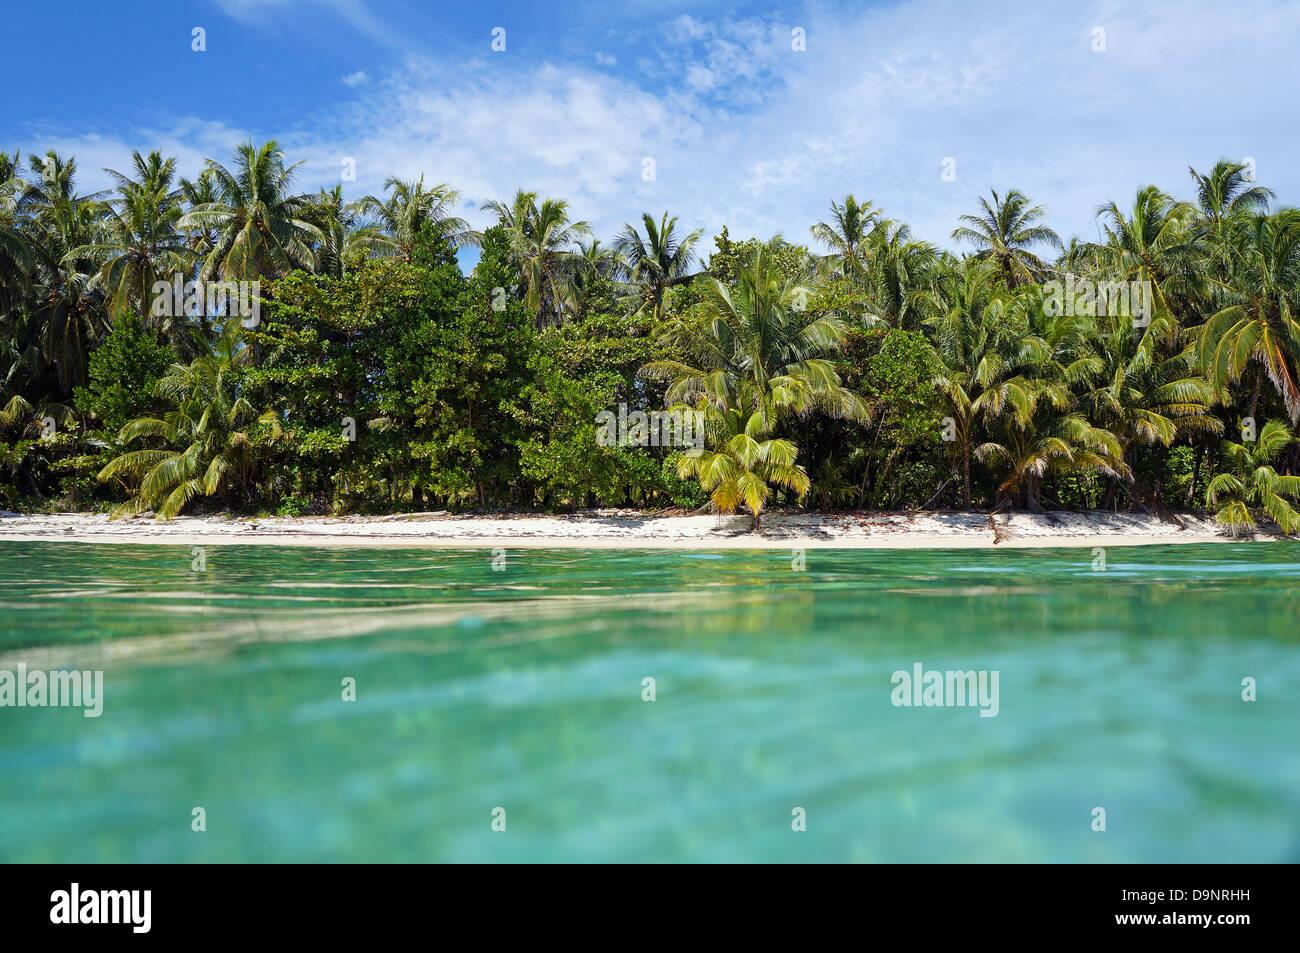 Vista dalla superficie dell'acqua su una spiaggia tropicale con vegetazione lussureggiante, Caraibi, Zapatillas Immagini Stock